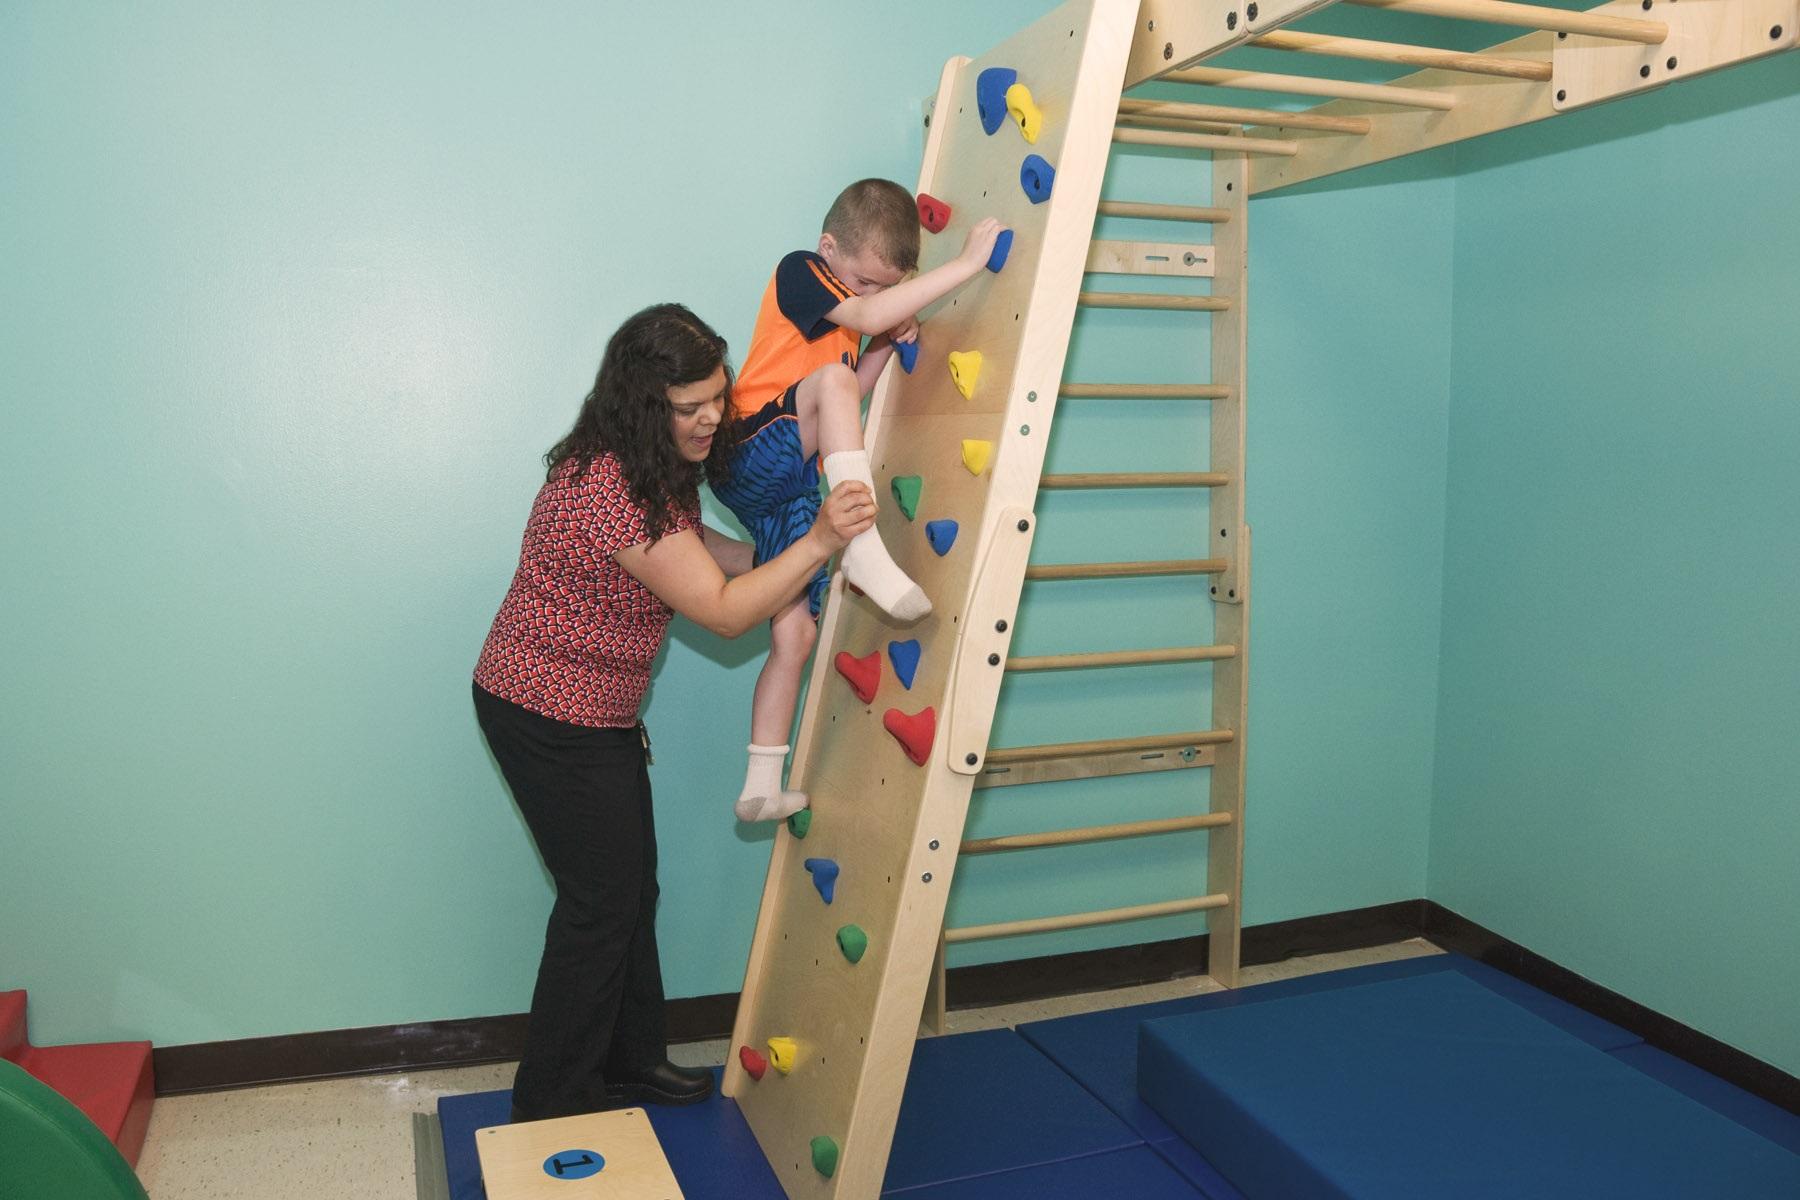 pediatric-therapeutic-indoor-playground